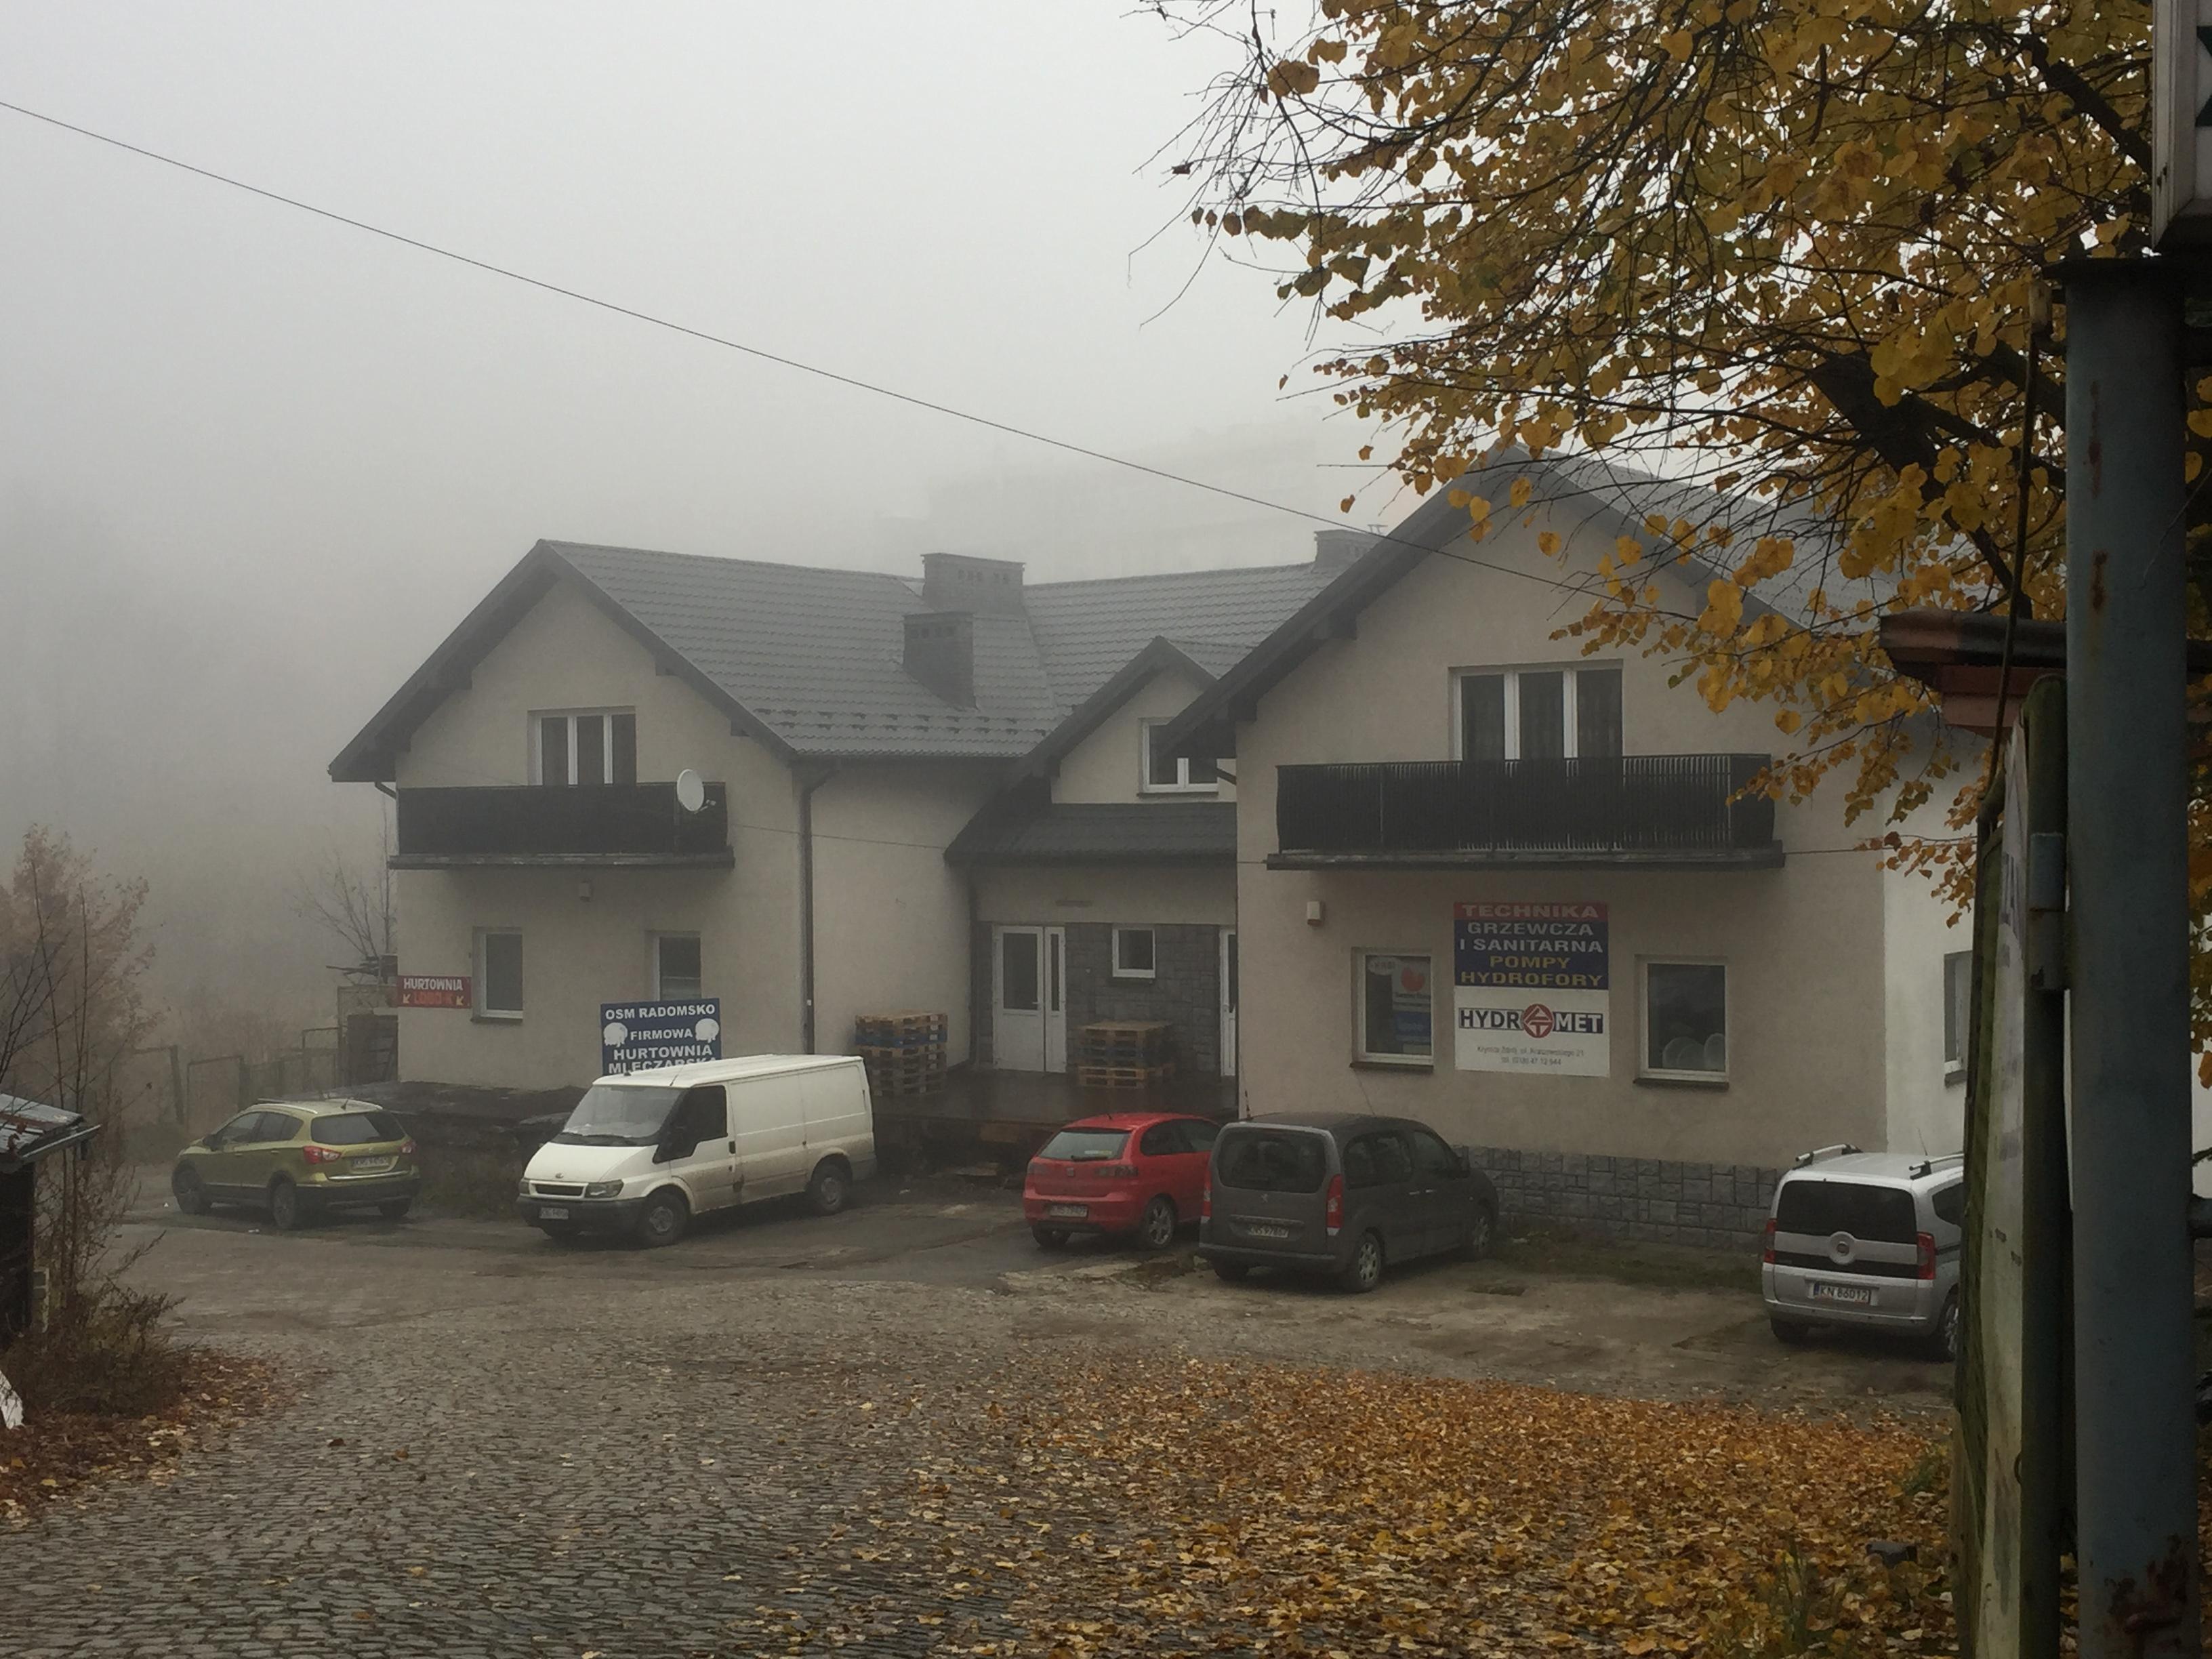 Dawniej miejsce Mykwy w Krynicy-Zdroju